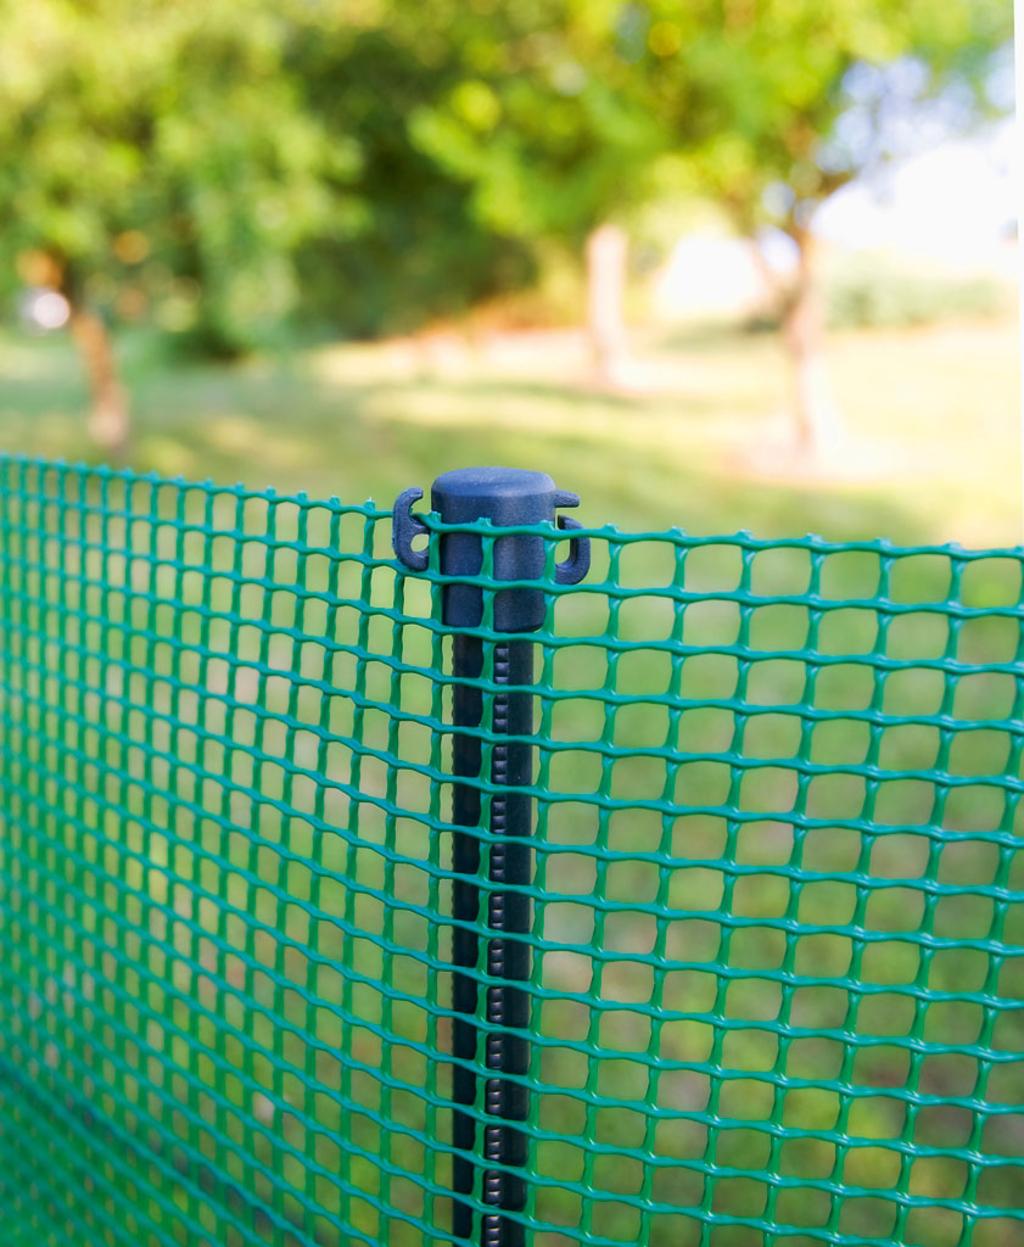 Poteau planter pour cr er un enclos ou une cl ture provisoire nortene for Cloture jardin pour chien